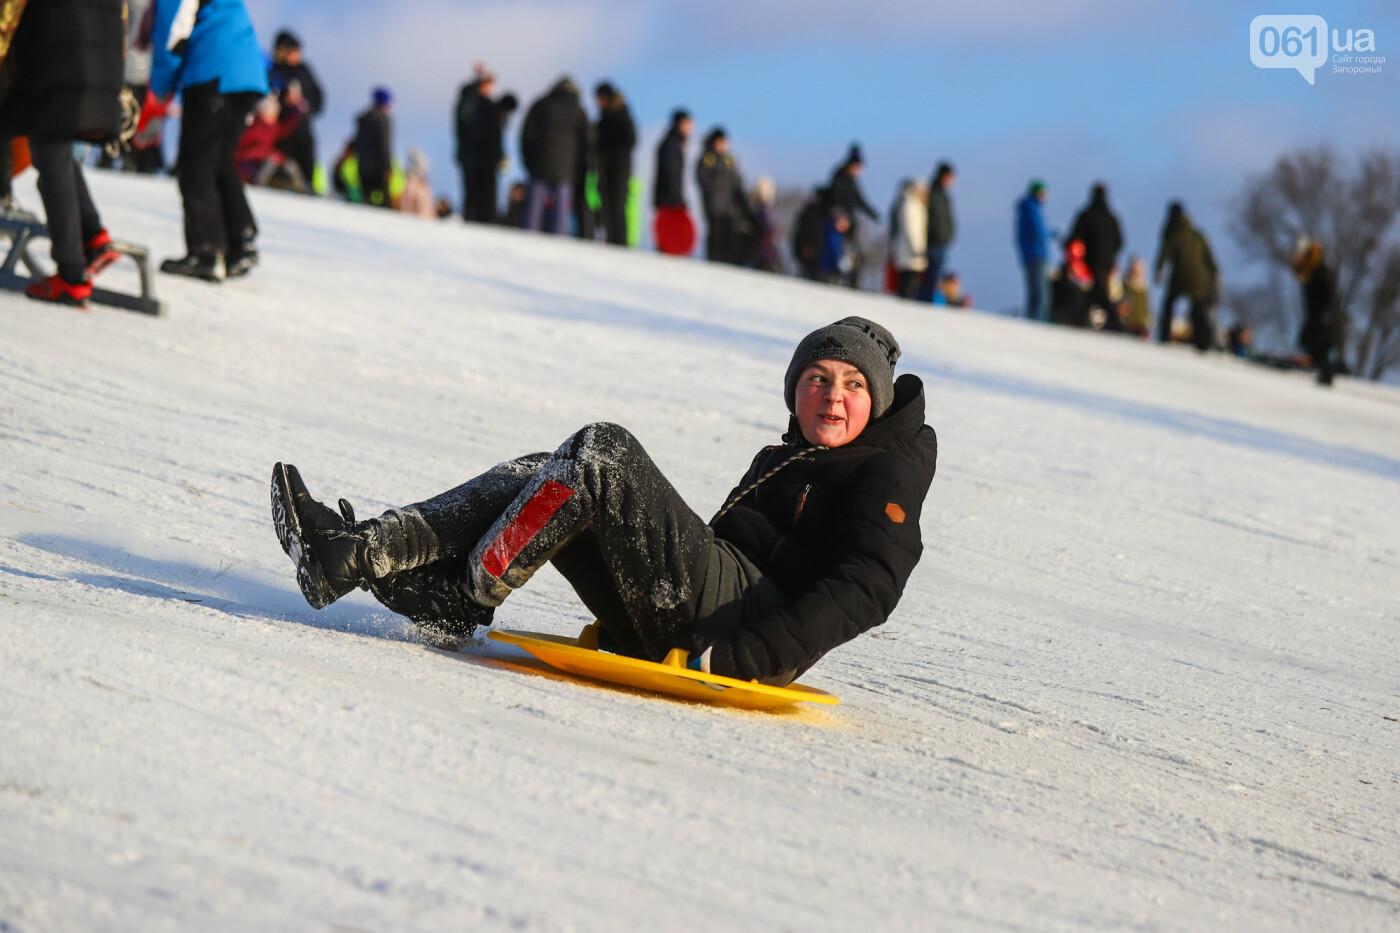 На санках, лыжах и сноуборде: запорожцы устроили массовое катание с горок в Вознесеновском парке, - ФОТОРЕПОРТАЖ, фото-51